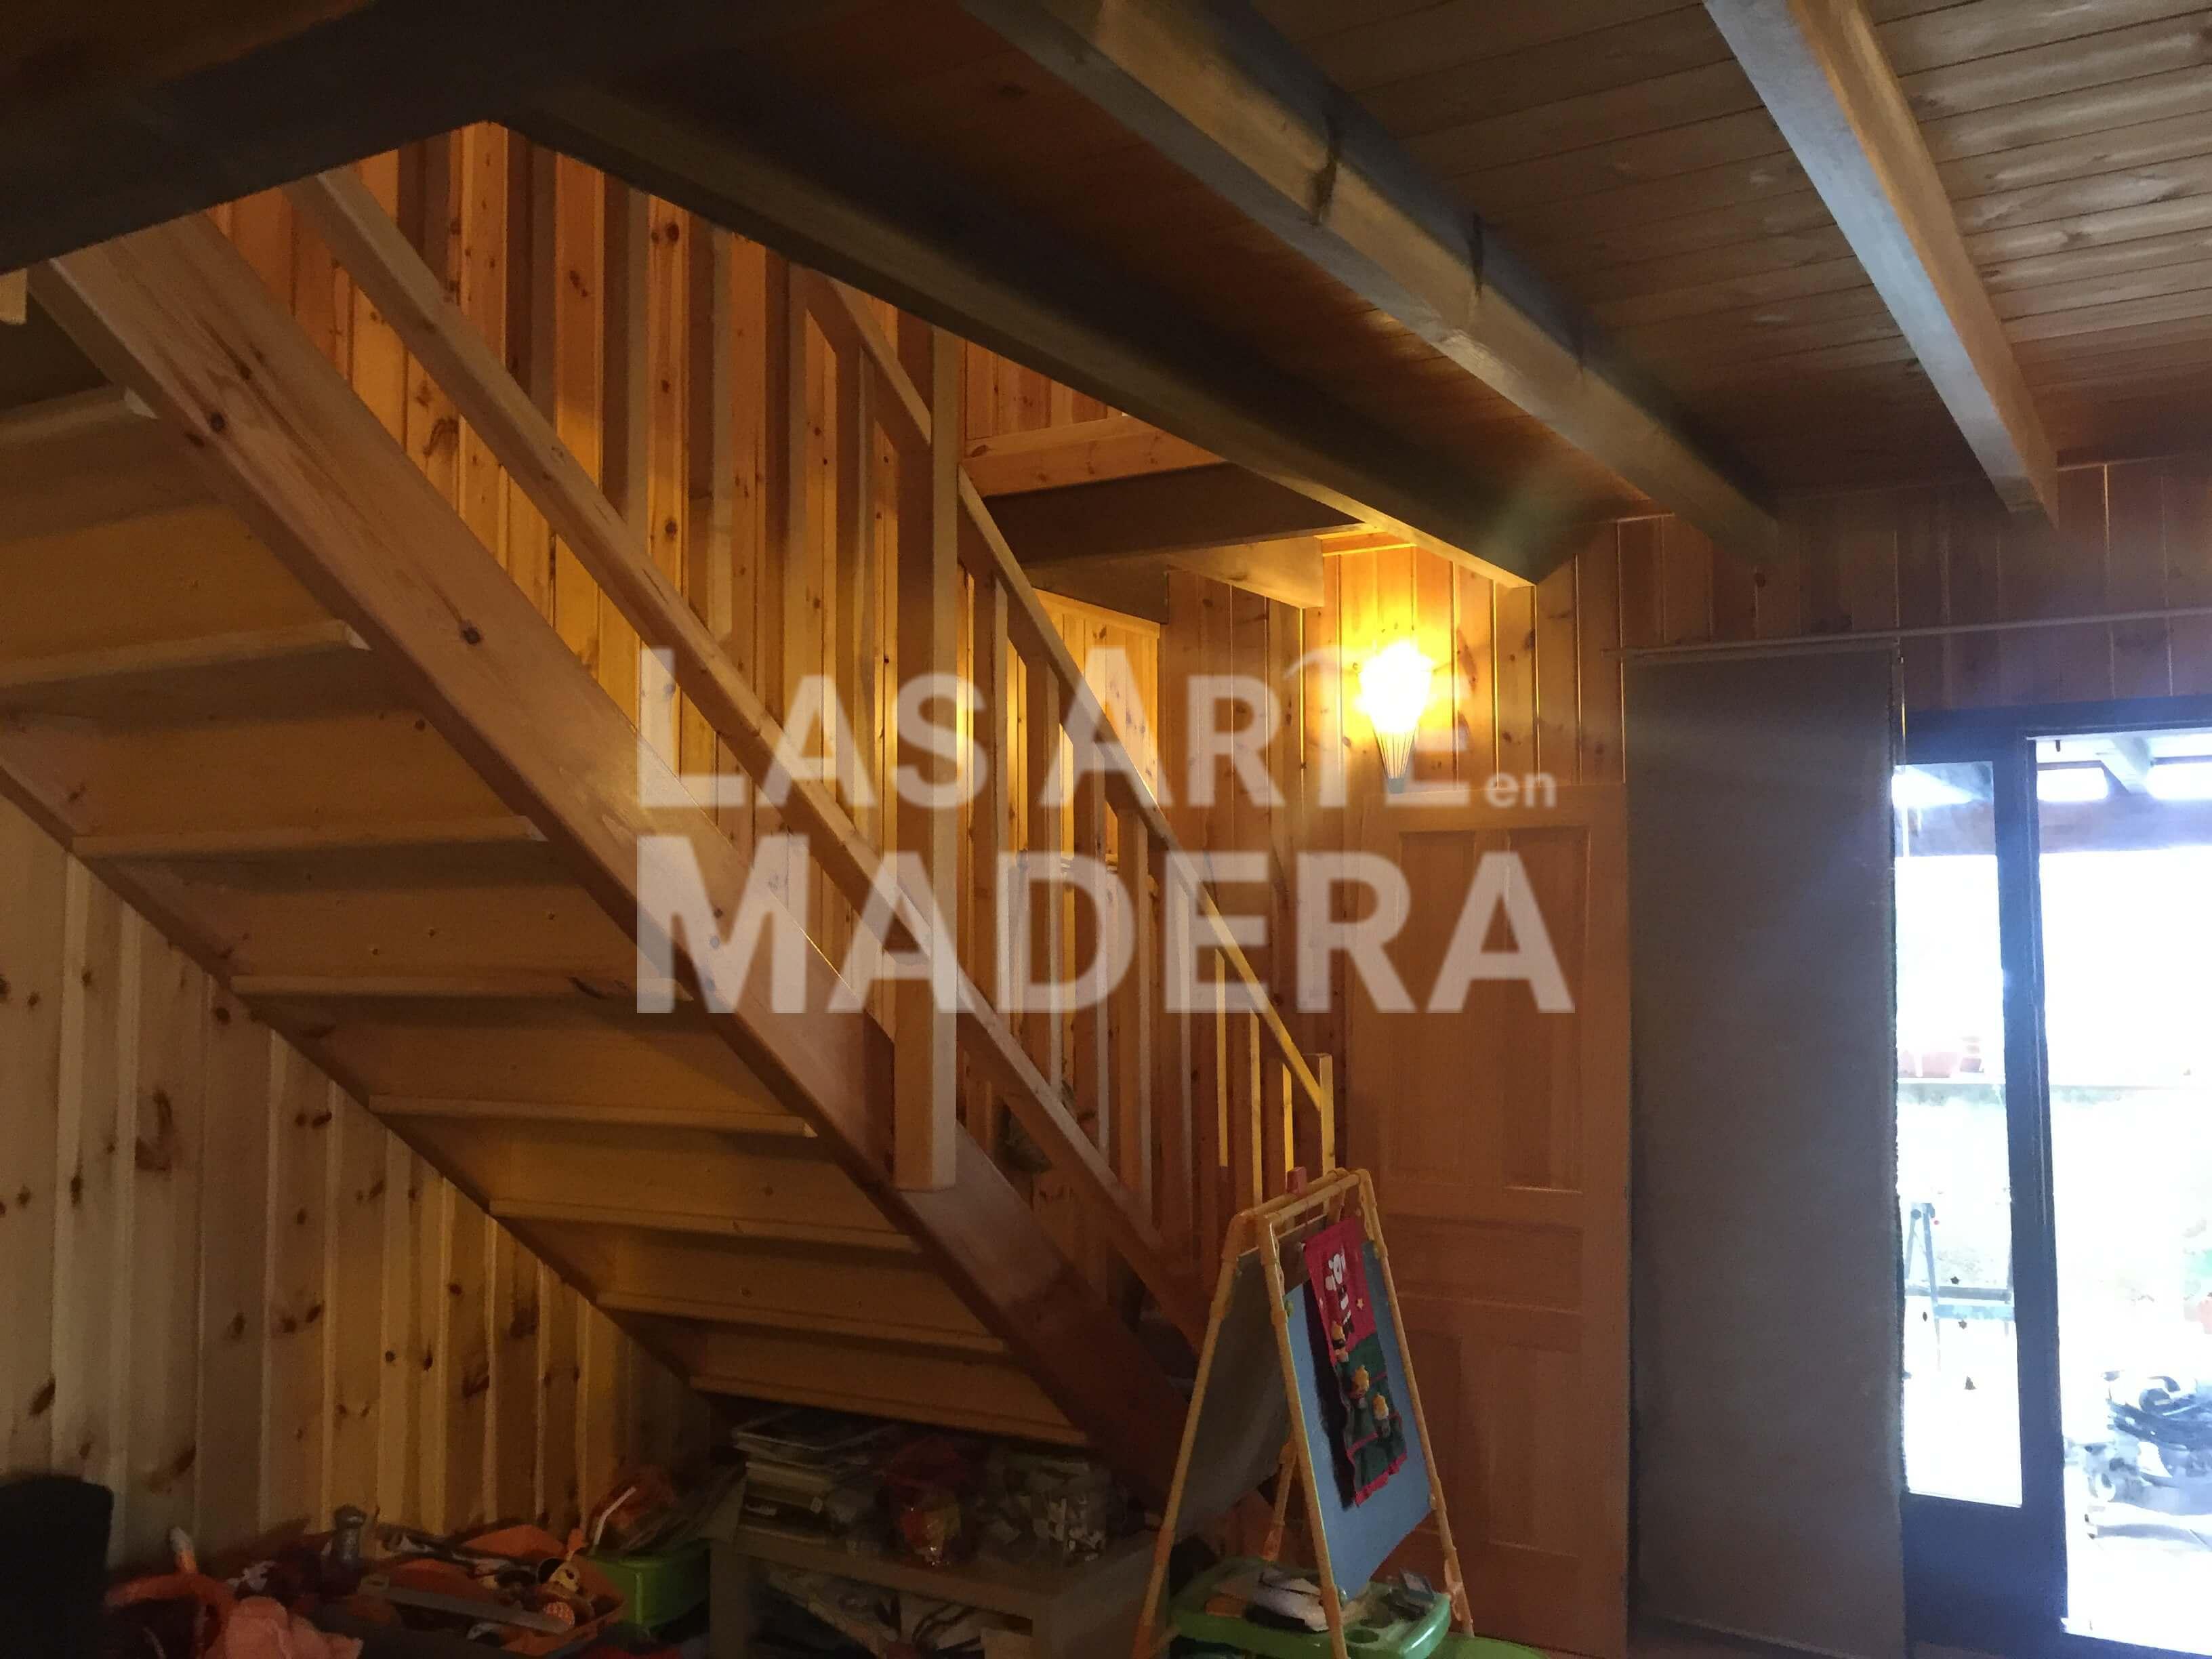 Escaleras de madera para interior en las artes en madera - Escaleras de madera para interior ...